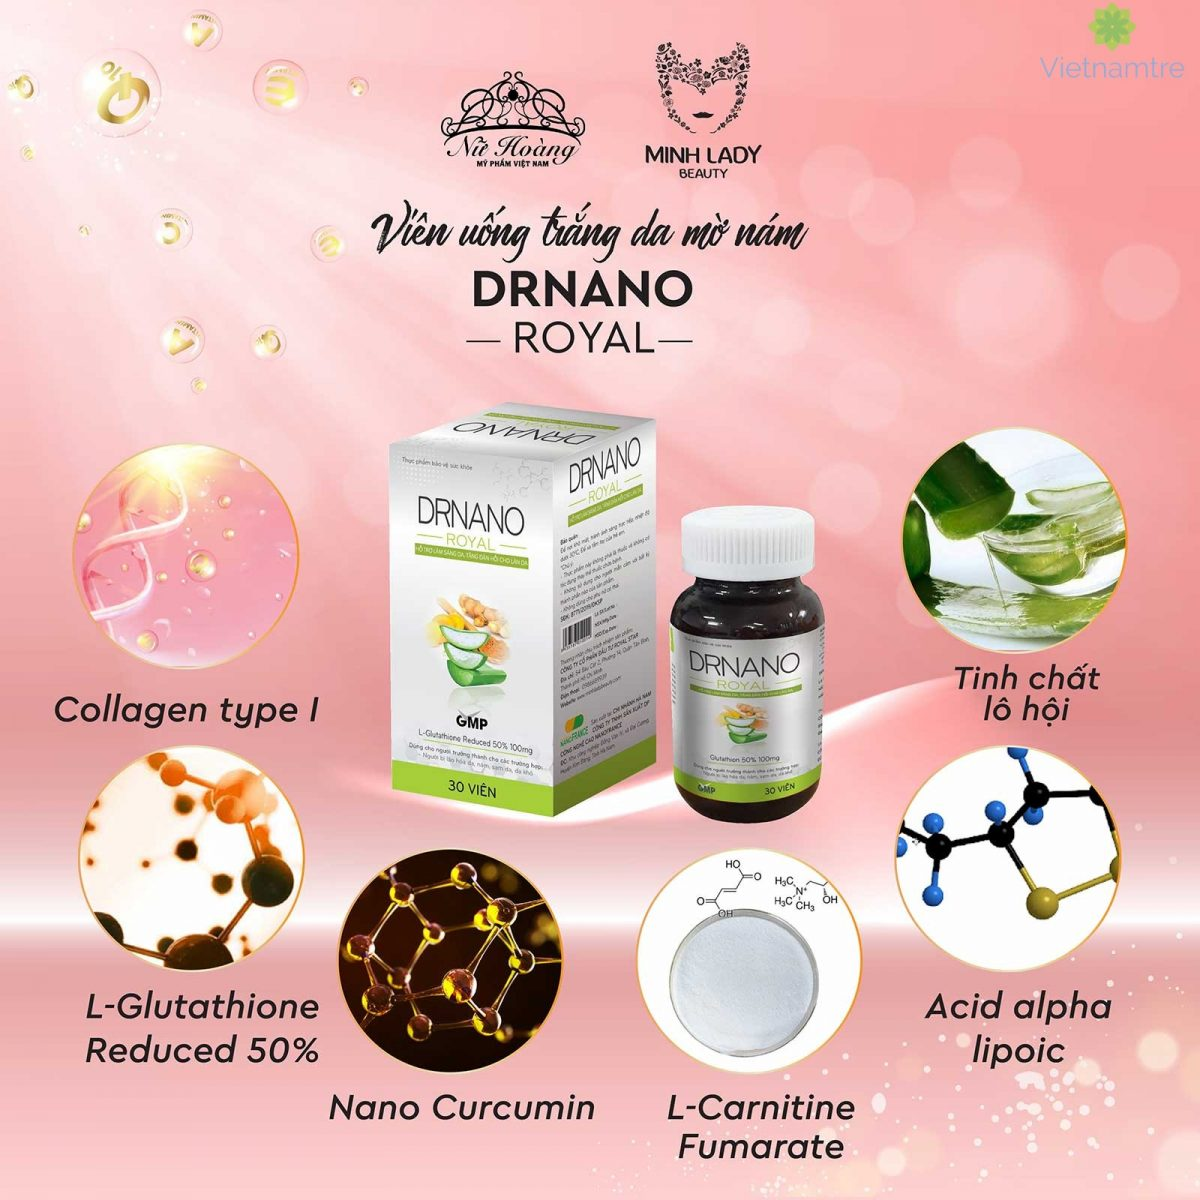 Thành phần 100% tự nhiên giúp Dr Nano Royal luôn là lựa chọn tối ưu cho phái đẹp